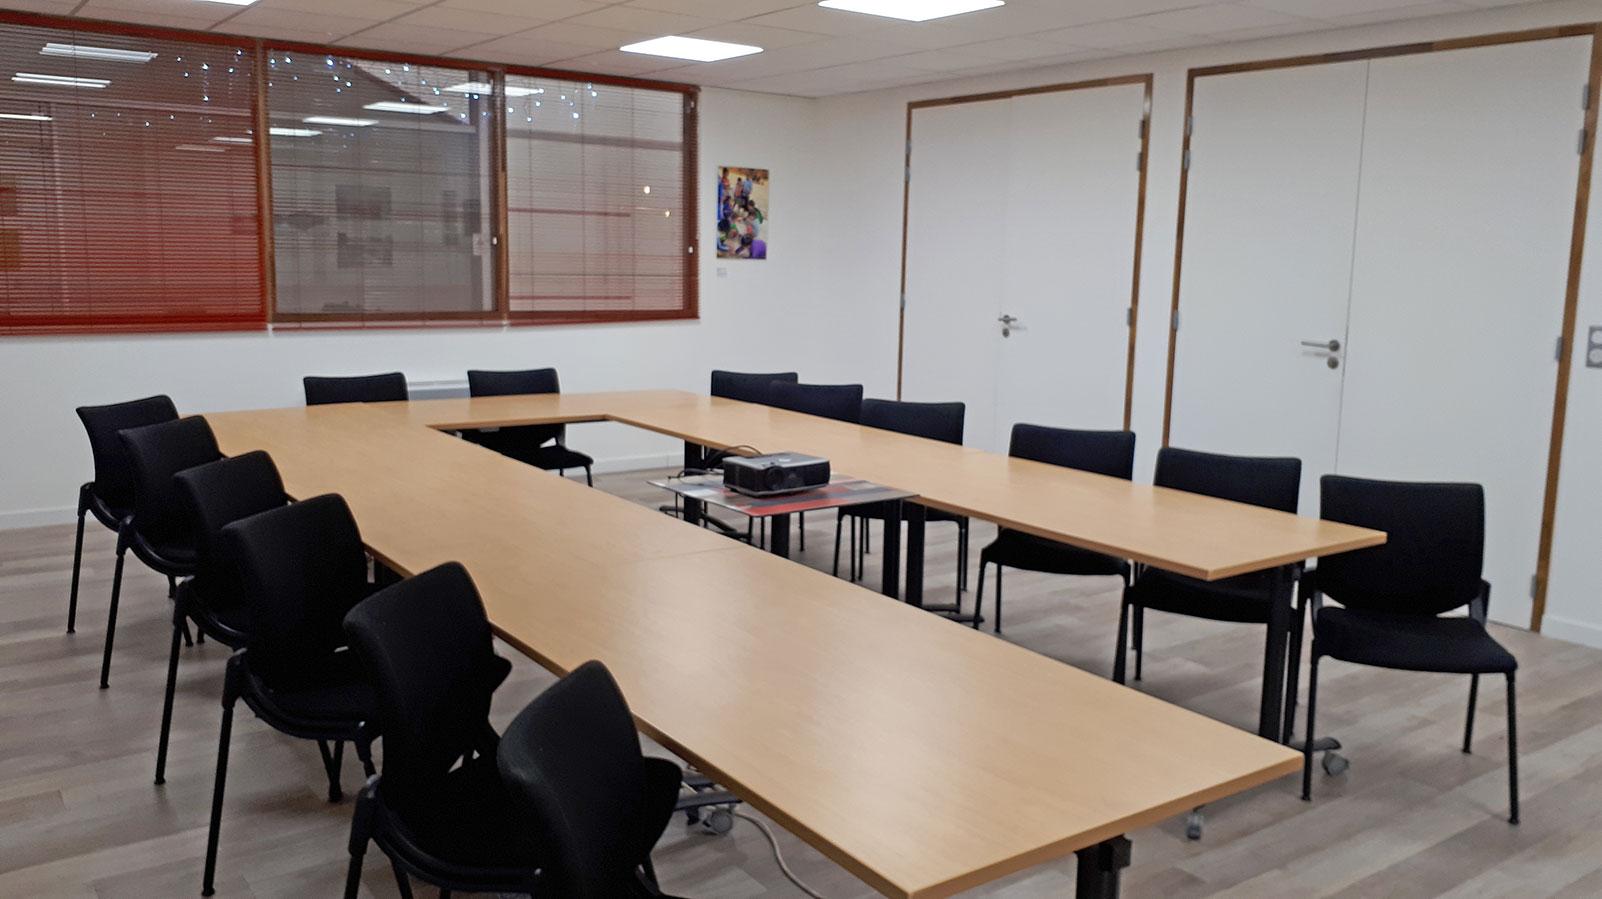 Location de la salle polyvalente chez D'Sport & Co Nantes